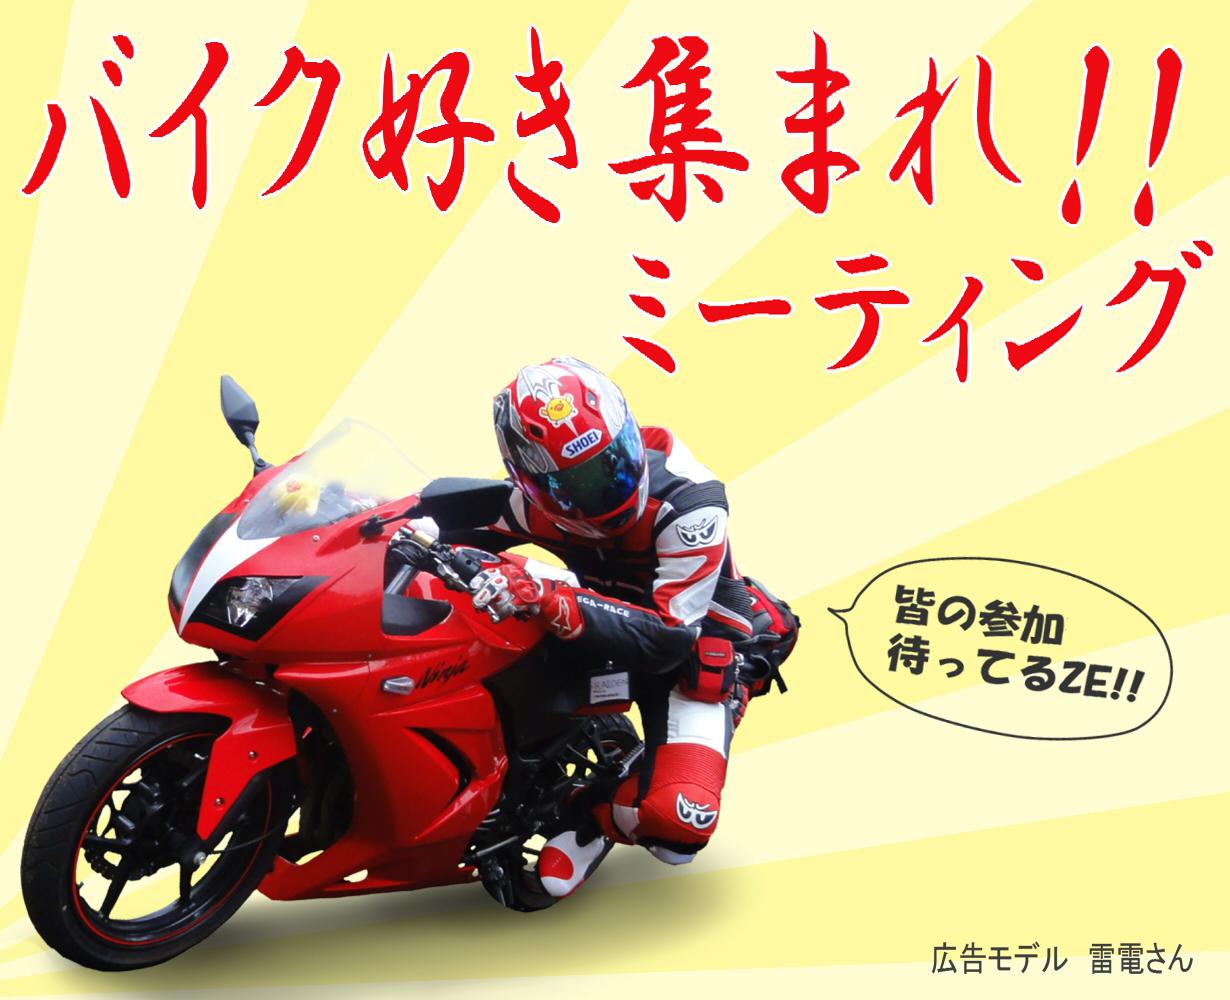 バイク好き集まれミーティング1